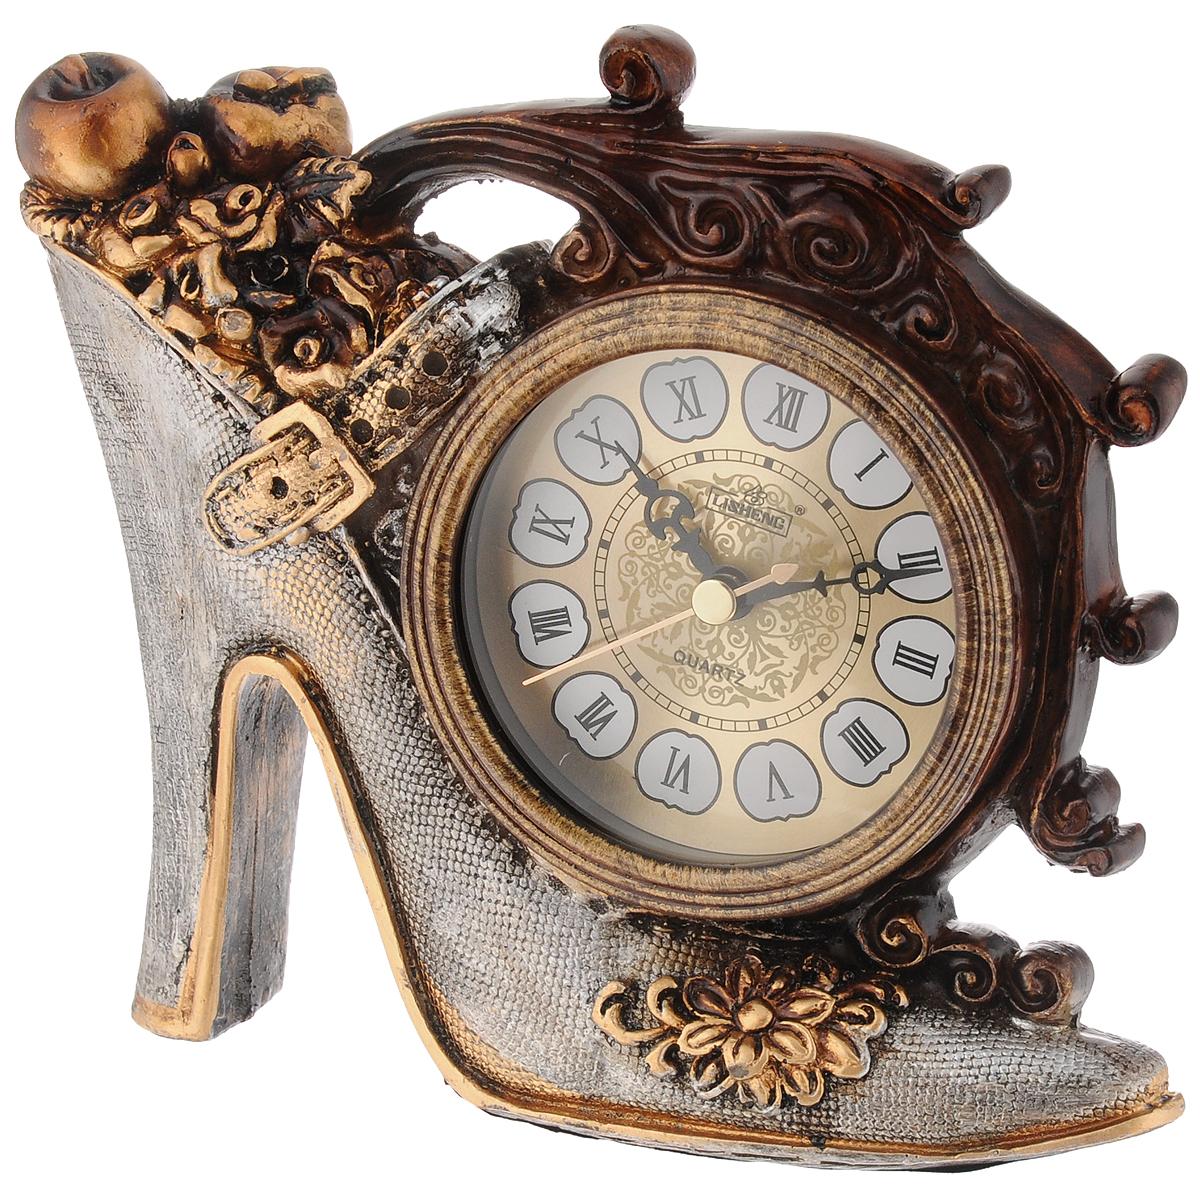 Часы настольные Lisheng Туфелька, 17,5 х 6 х 17 смLI-LS-672AM-ALНастольные кварцевые часы Lisheng Туфелька изготовлены из полистоуна бронзового цвета. Изделие выполнено в виде туфельки. Циферблат круглой формы расположен на туфельке и оформлен римскими цифрами. Настольные часы Lisheng Туфелька прекрасно оформят интерьер дома или рабочий стол в офисе. Часы работают от одной батарейки типа АА мощностью 1,5V (не входит в комплект). Размер часов: 17,5 х 6 х 17 см. Диаметр циферблата: 8 см.